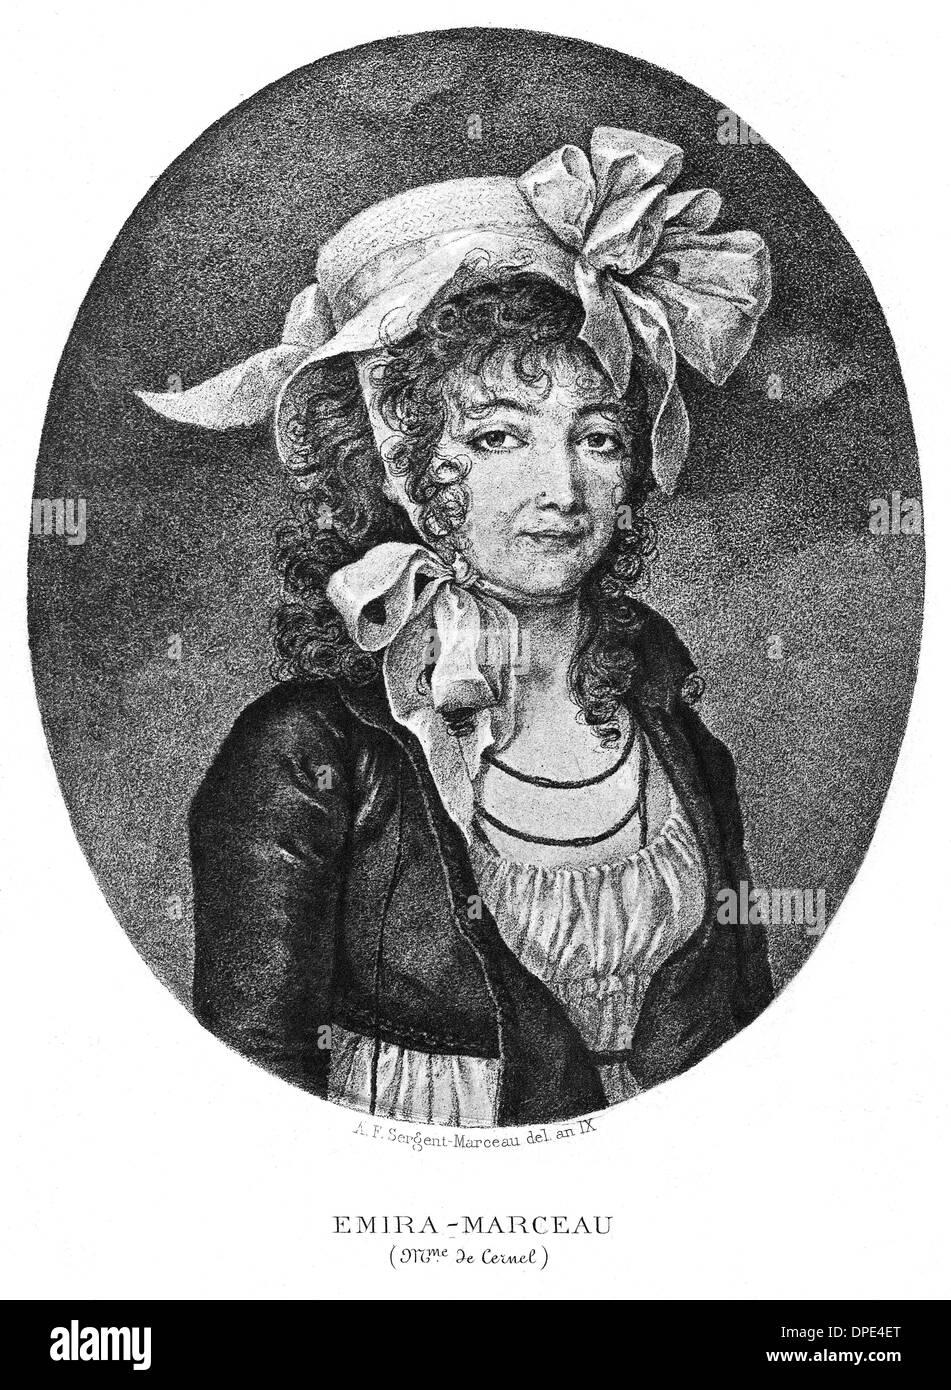 EMIRA MARCEAU - Stock Image